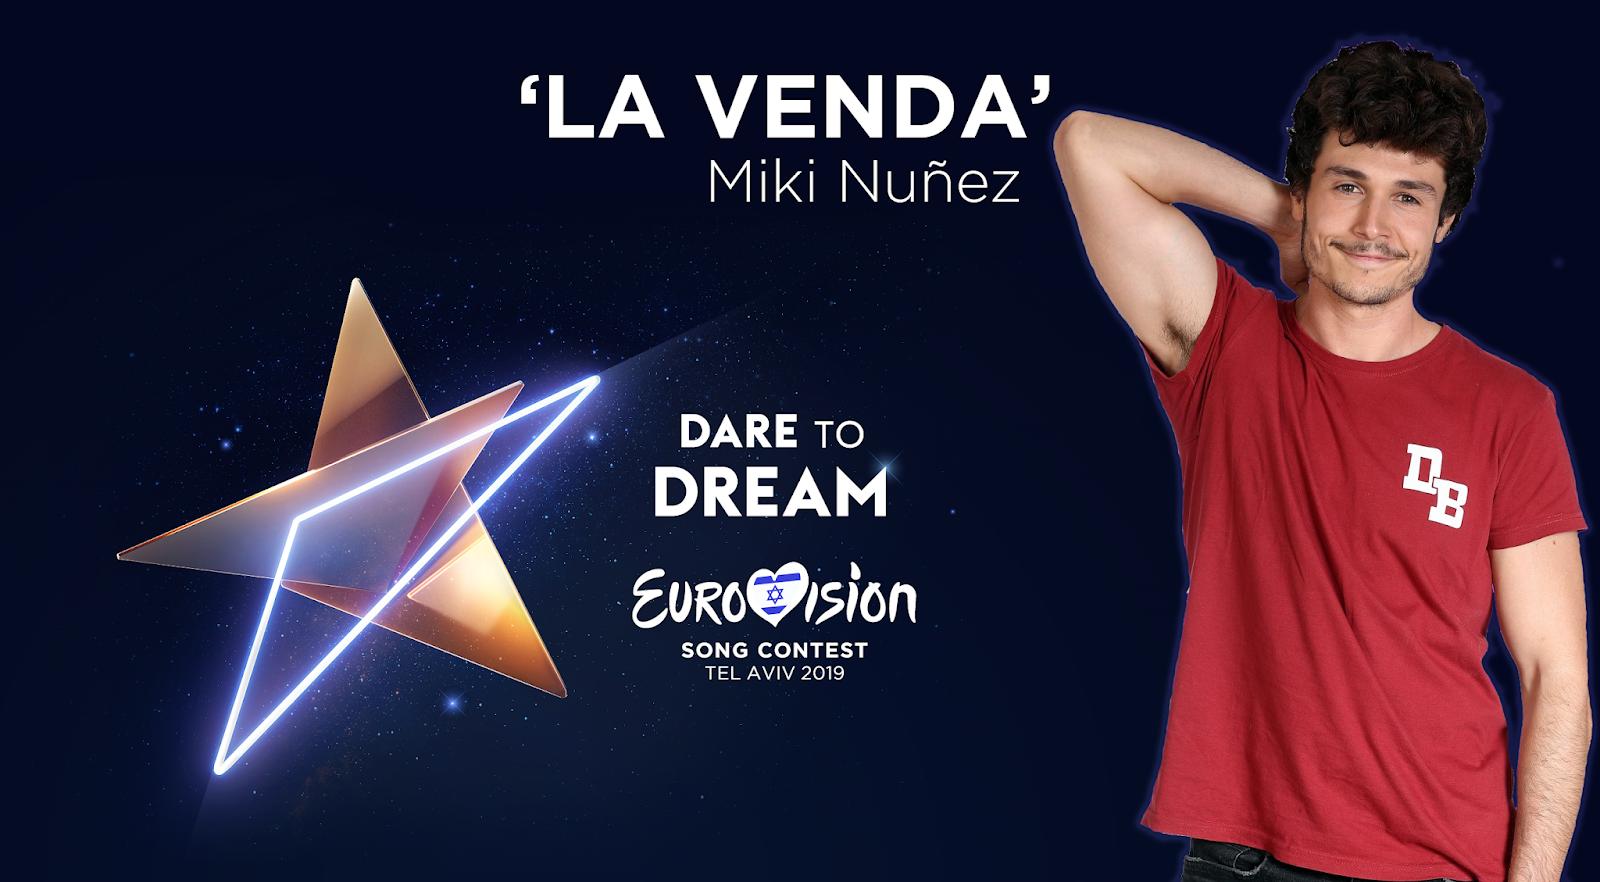 MIKI NÚÑEZ REPRESENTARÁ A ESPAÑA EN EUROVISION 2019 CON LA VENDA